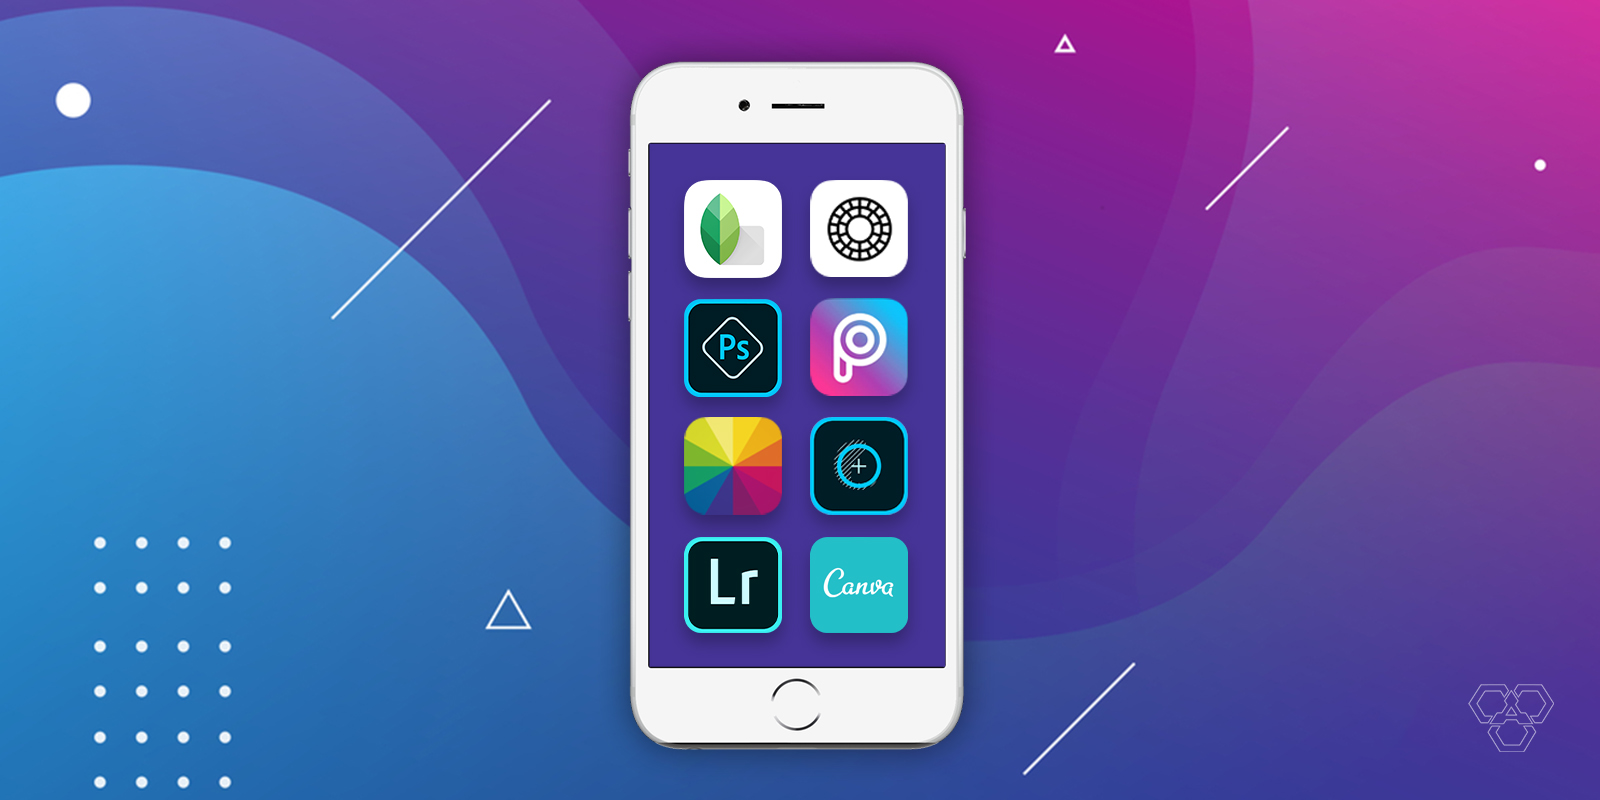 أفضل 10 تطبيقات لتحرير الصورلتحسين صورك وإضافة مؤثرات مميزة إليها للجميع انضمة التشغيل  iOS و Android